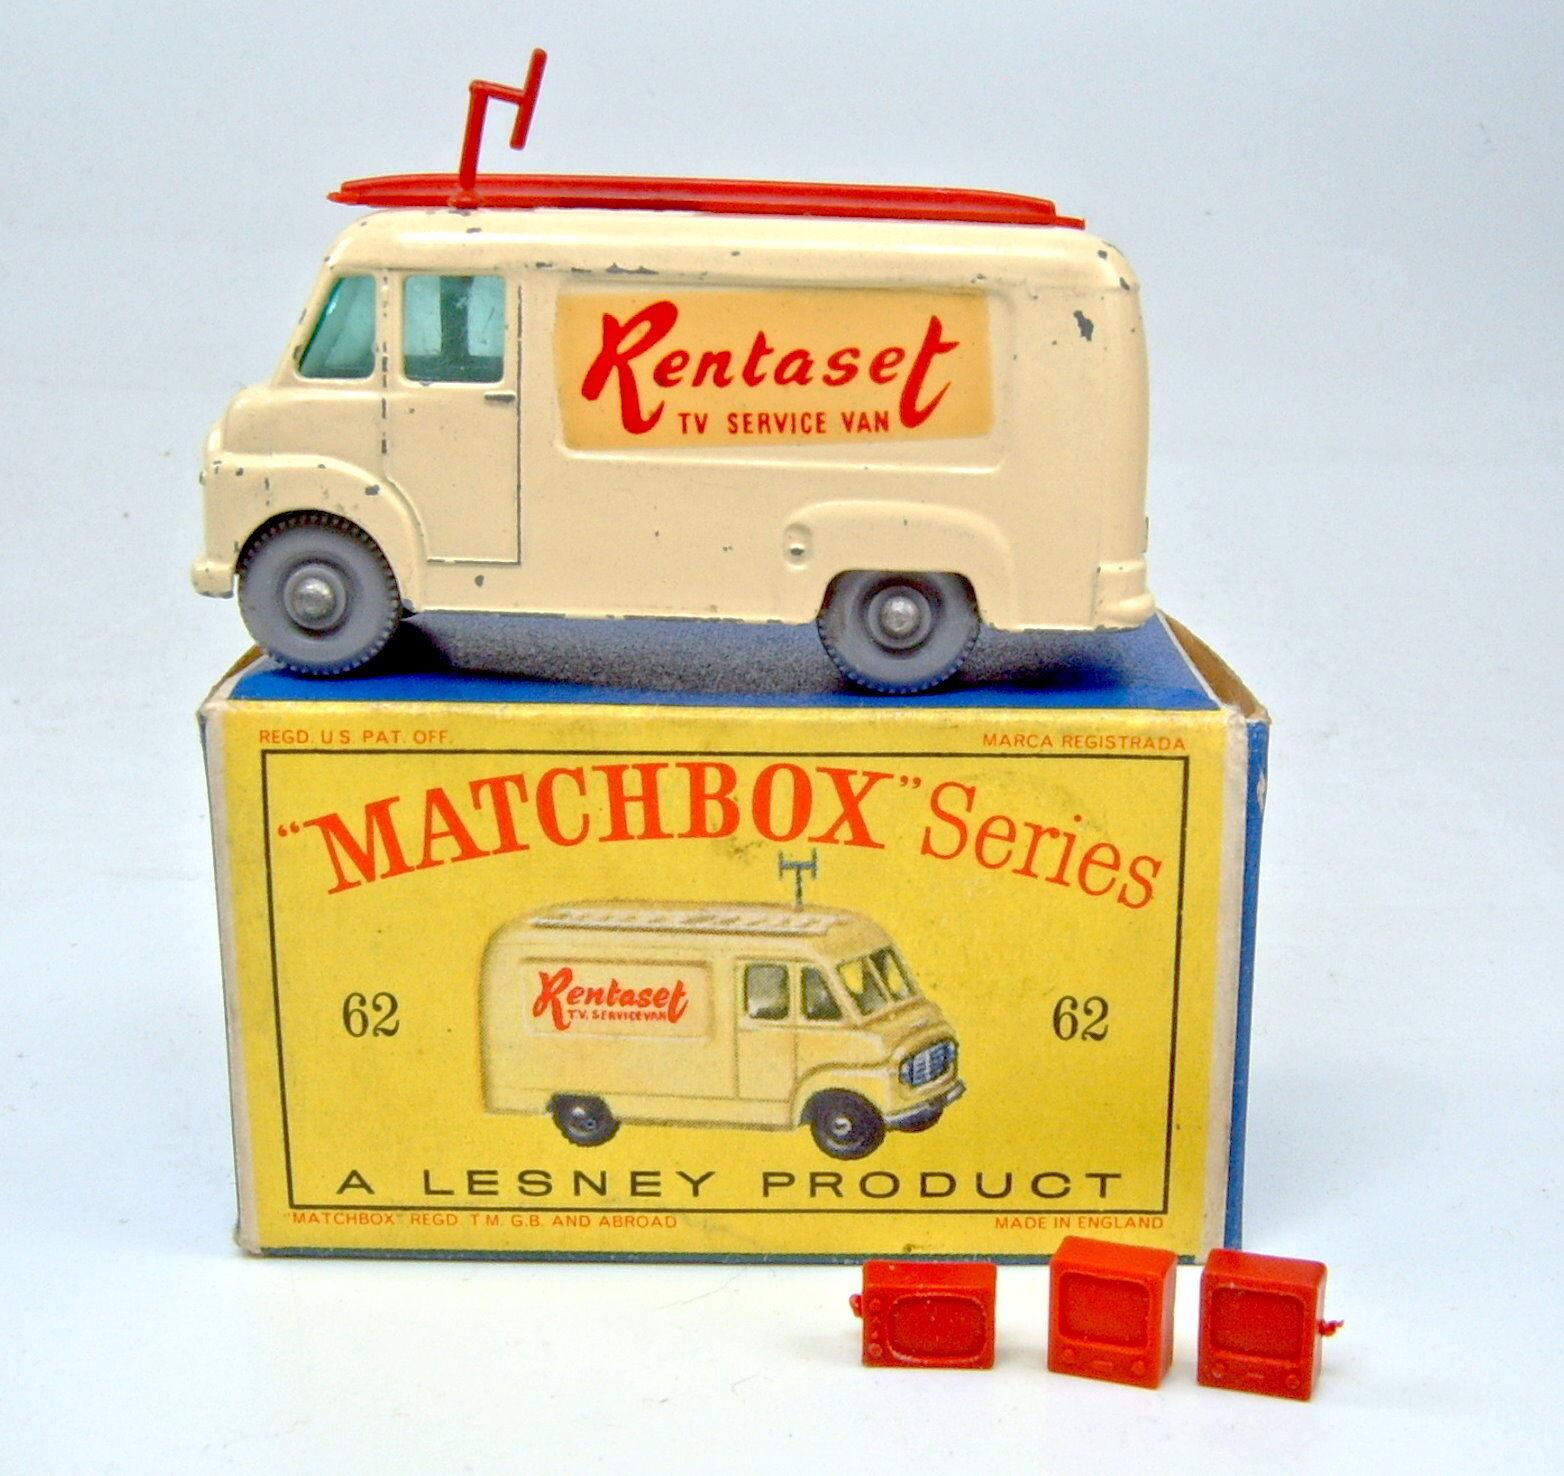 Matchbox 1-75 RW 62B TV Service Van  Rentaset  GRAUE Räder in Box  | König der Quantität